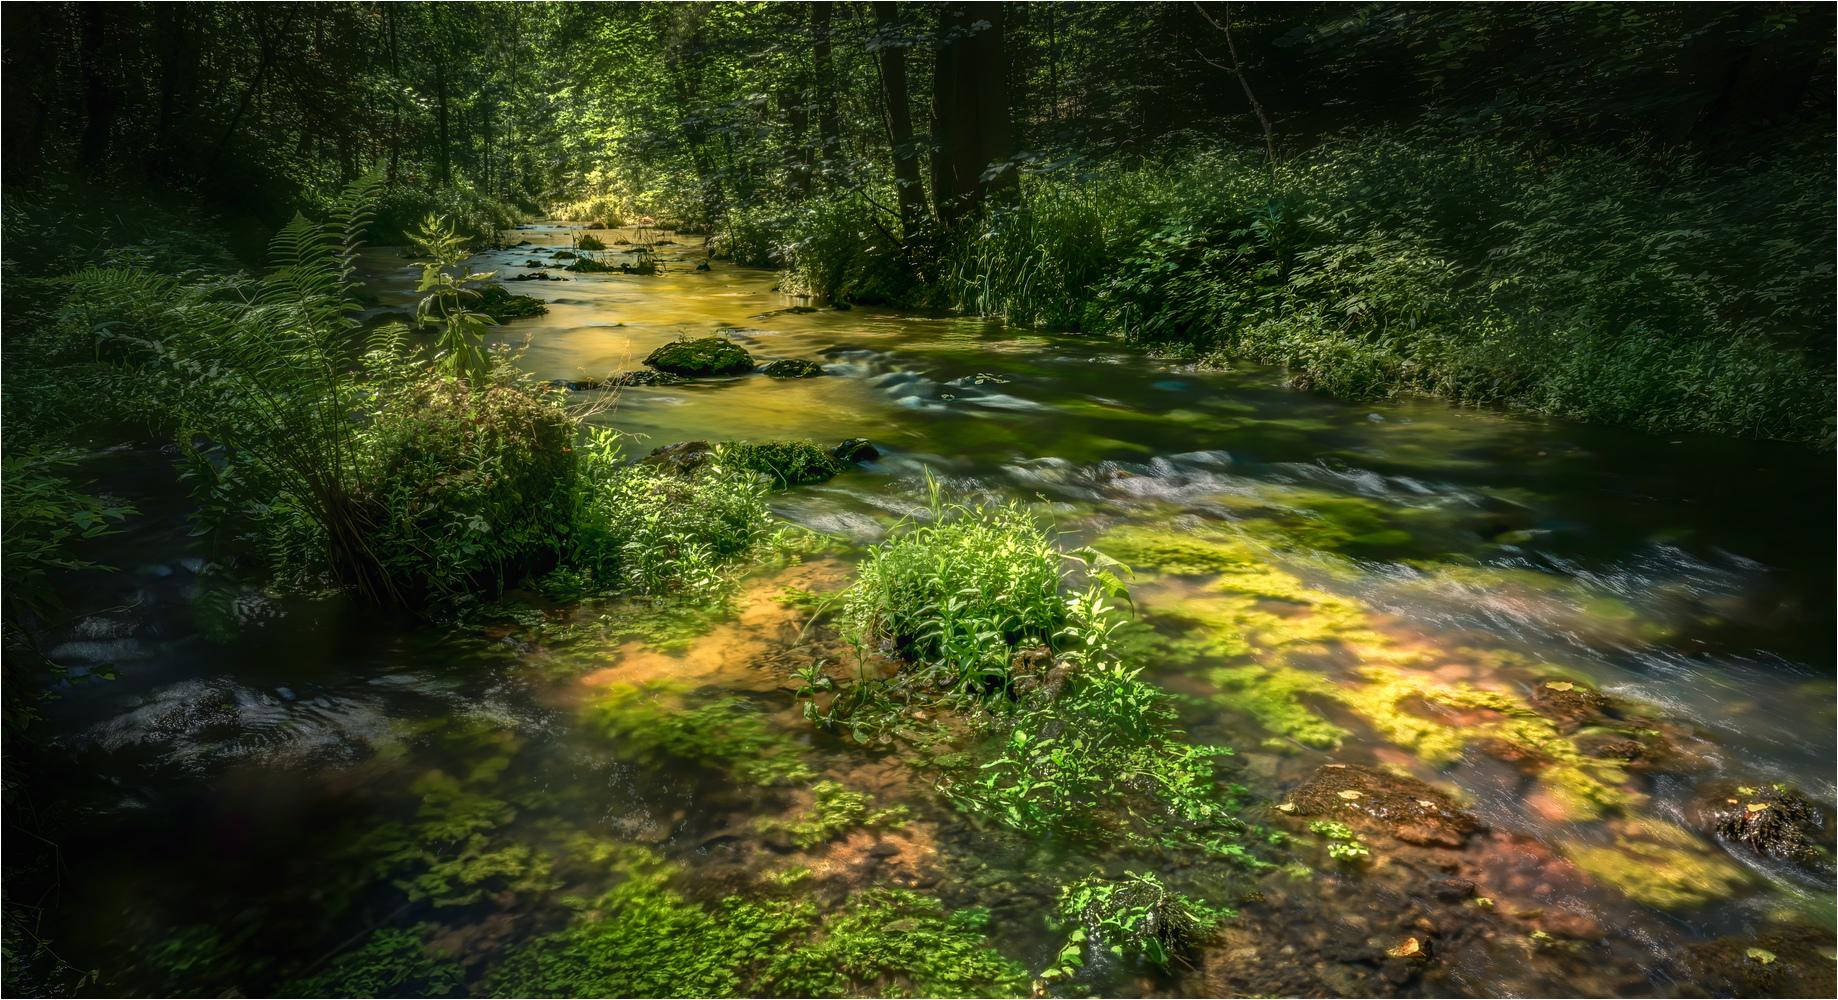 https://naturfotografen-forum.de/data/o/348/1742835/20200624%20Die%20P%C3%BCttlach%20..._ed_1.JPG